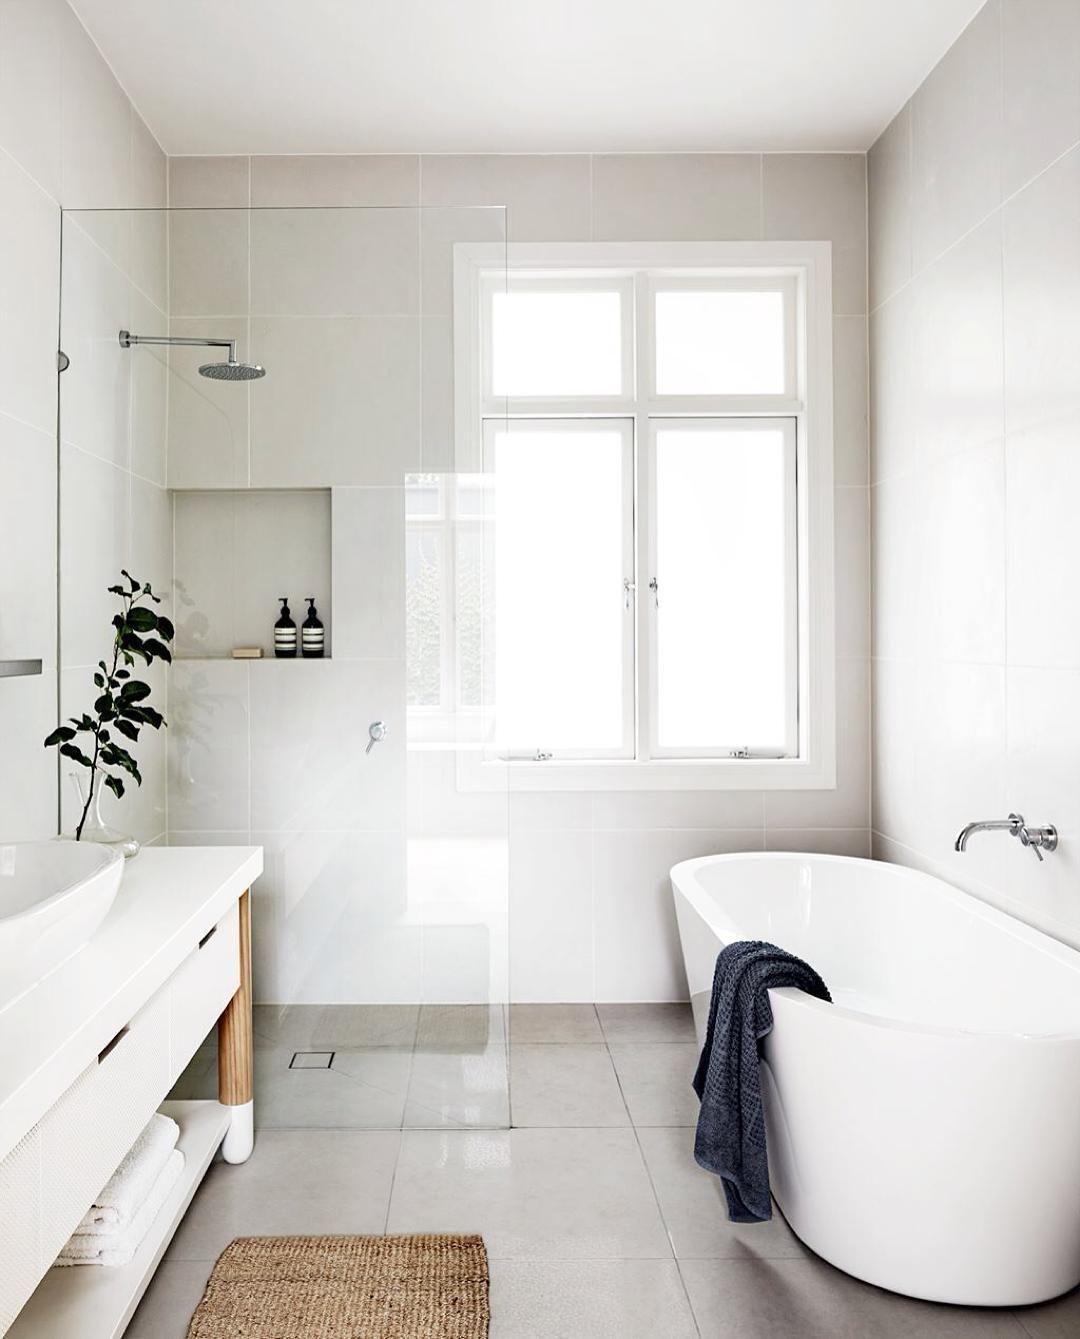 ✨ Baños Modernos ⚡ +97 Ideas Brillantes | Baño moderno, Ideas para ...